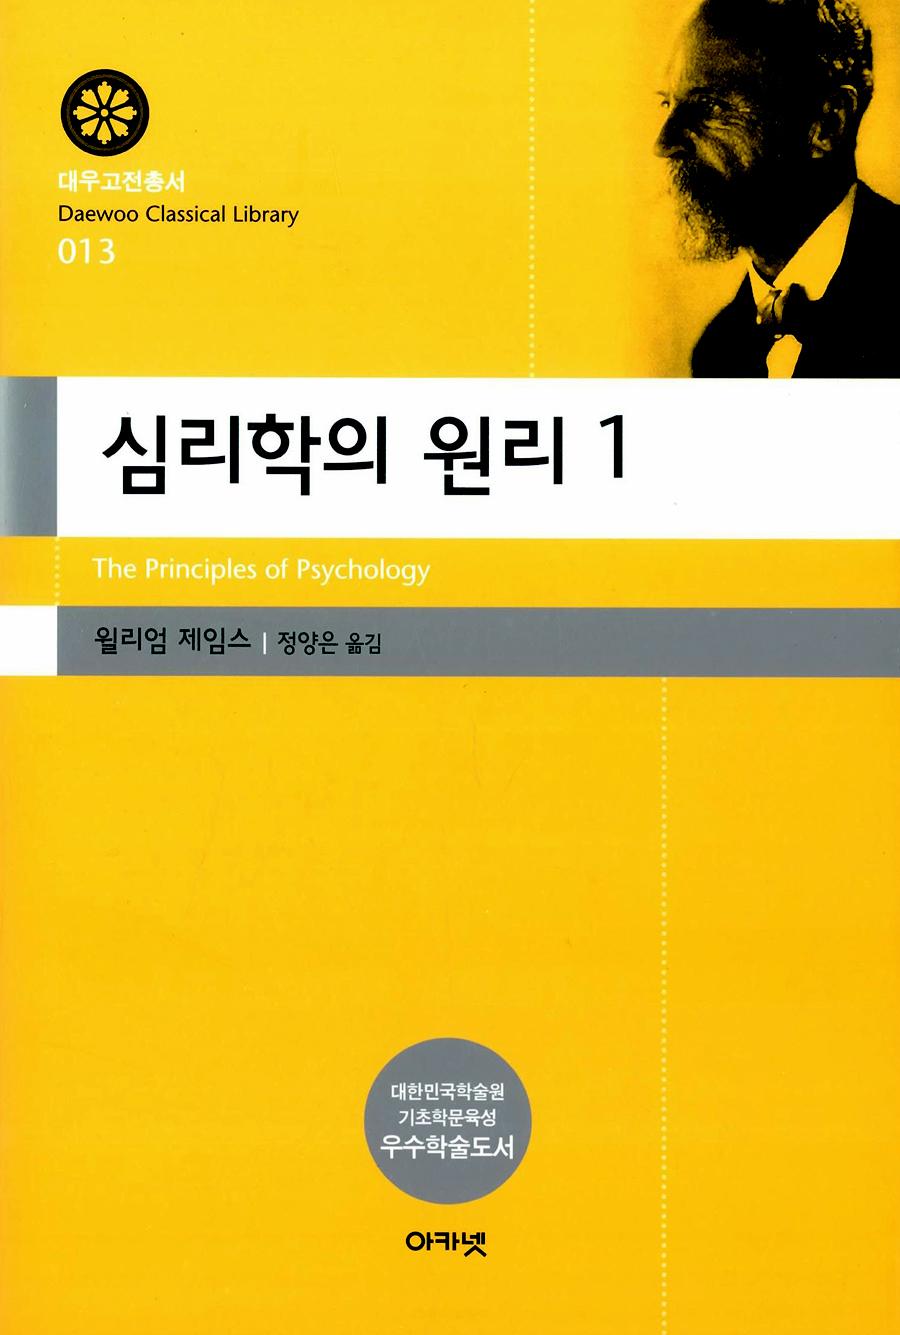 대우재단 대우고전총서 제13권 심리학의 원리 1 written by 정양은 and published by 아카넷 in 2005